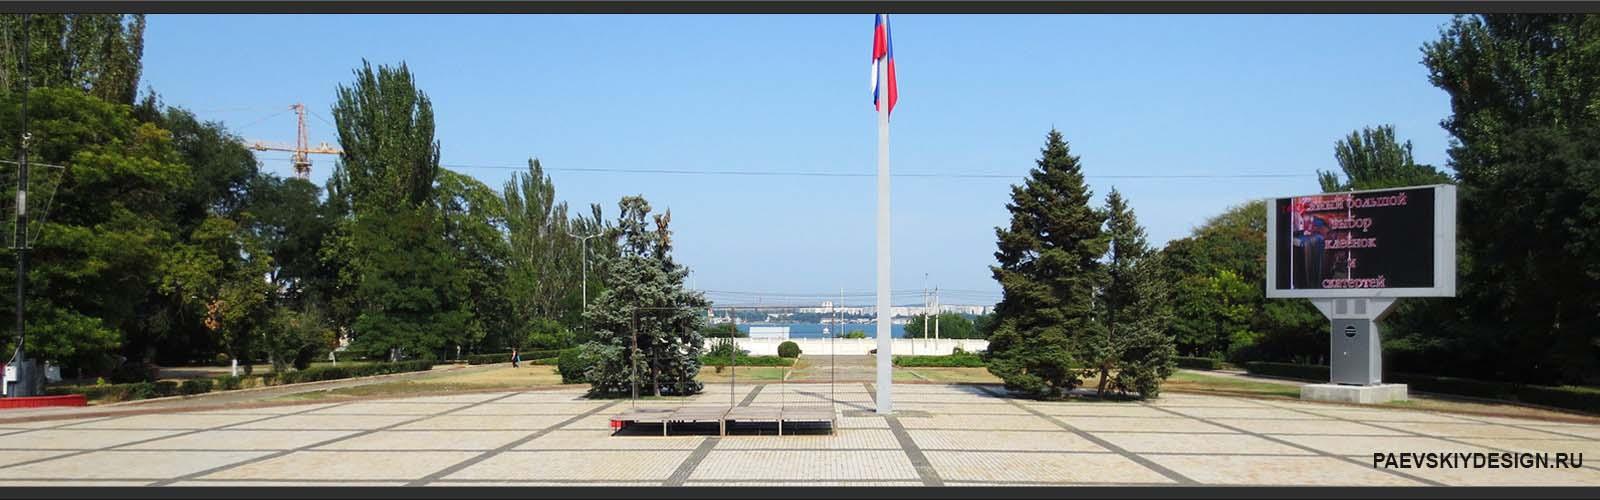 г. Керчь, площадь им. В.И.Ленина.